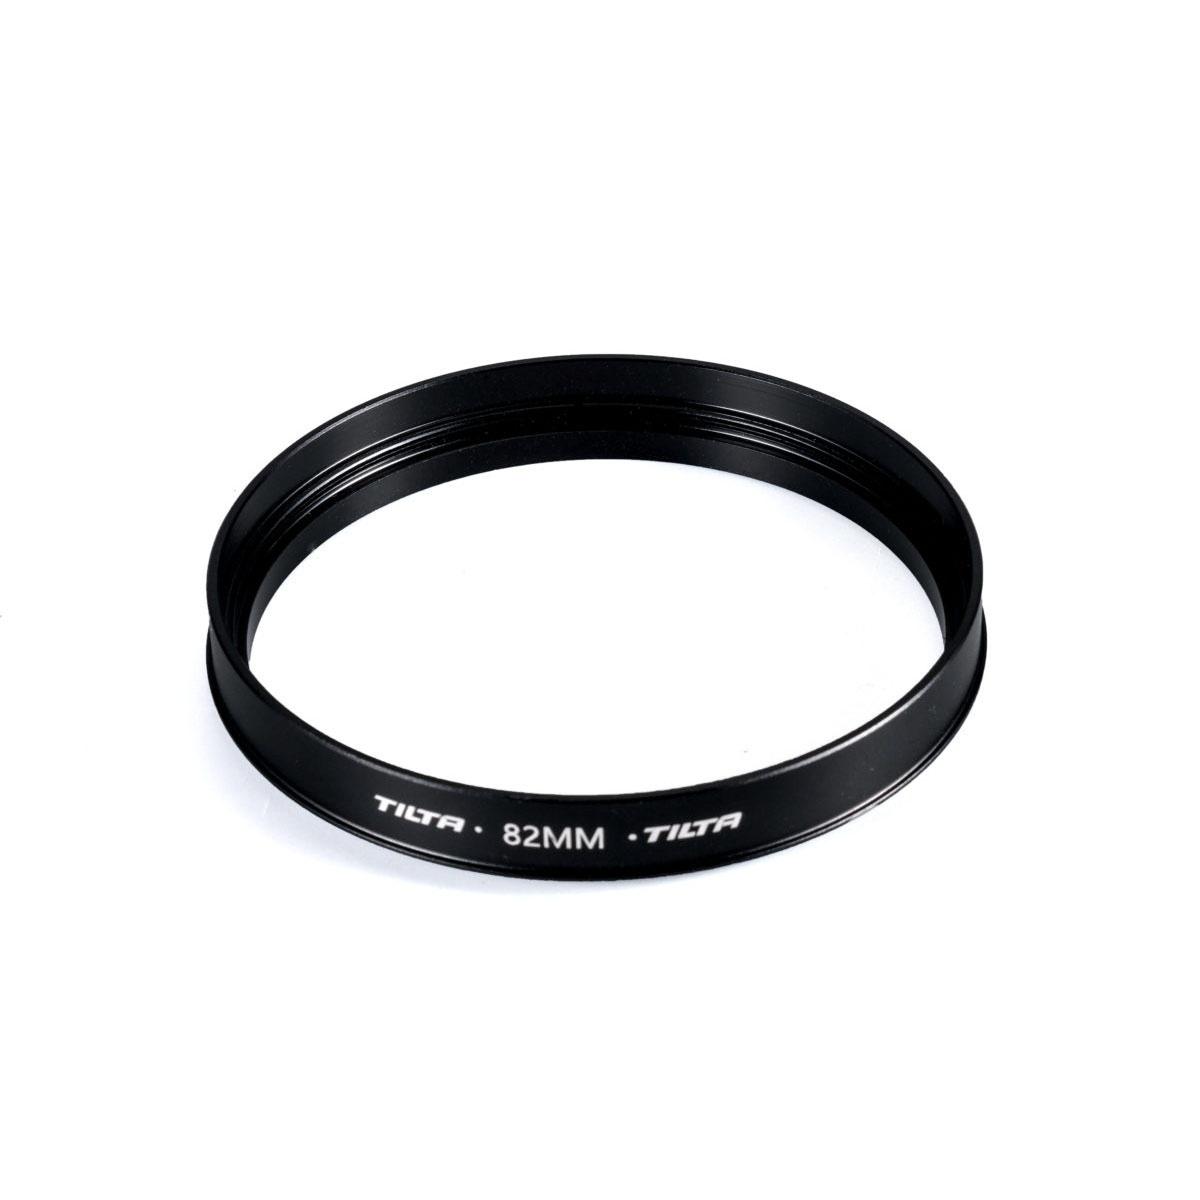 Tilta Tiltaing 82mm Adapter Ring for Mini Clamp-on MatteBox